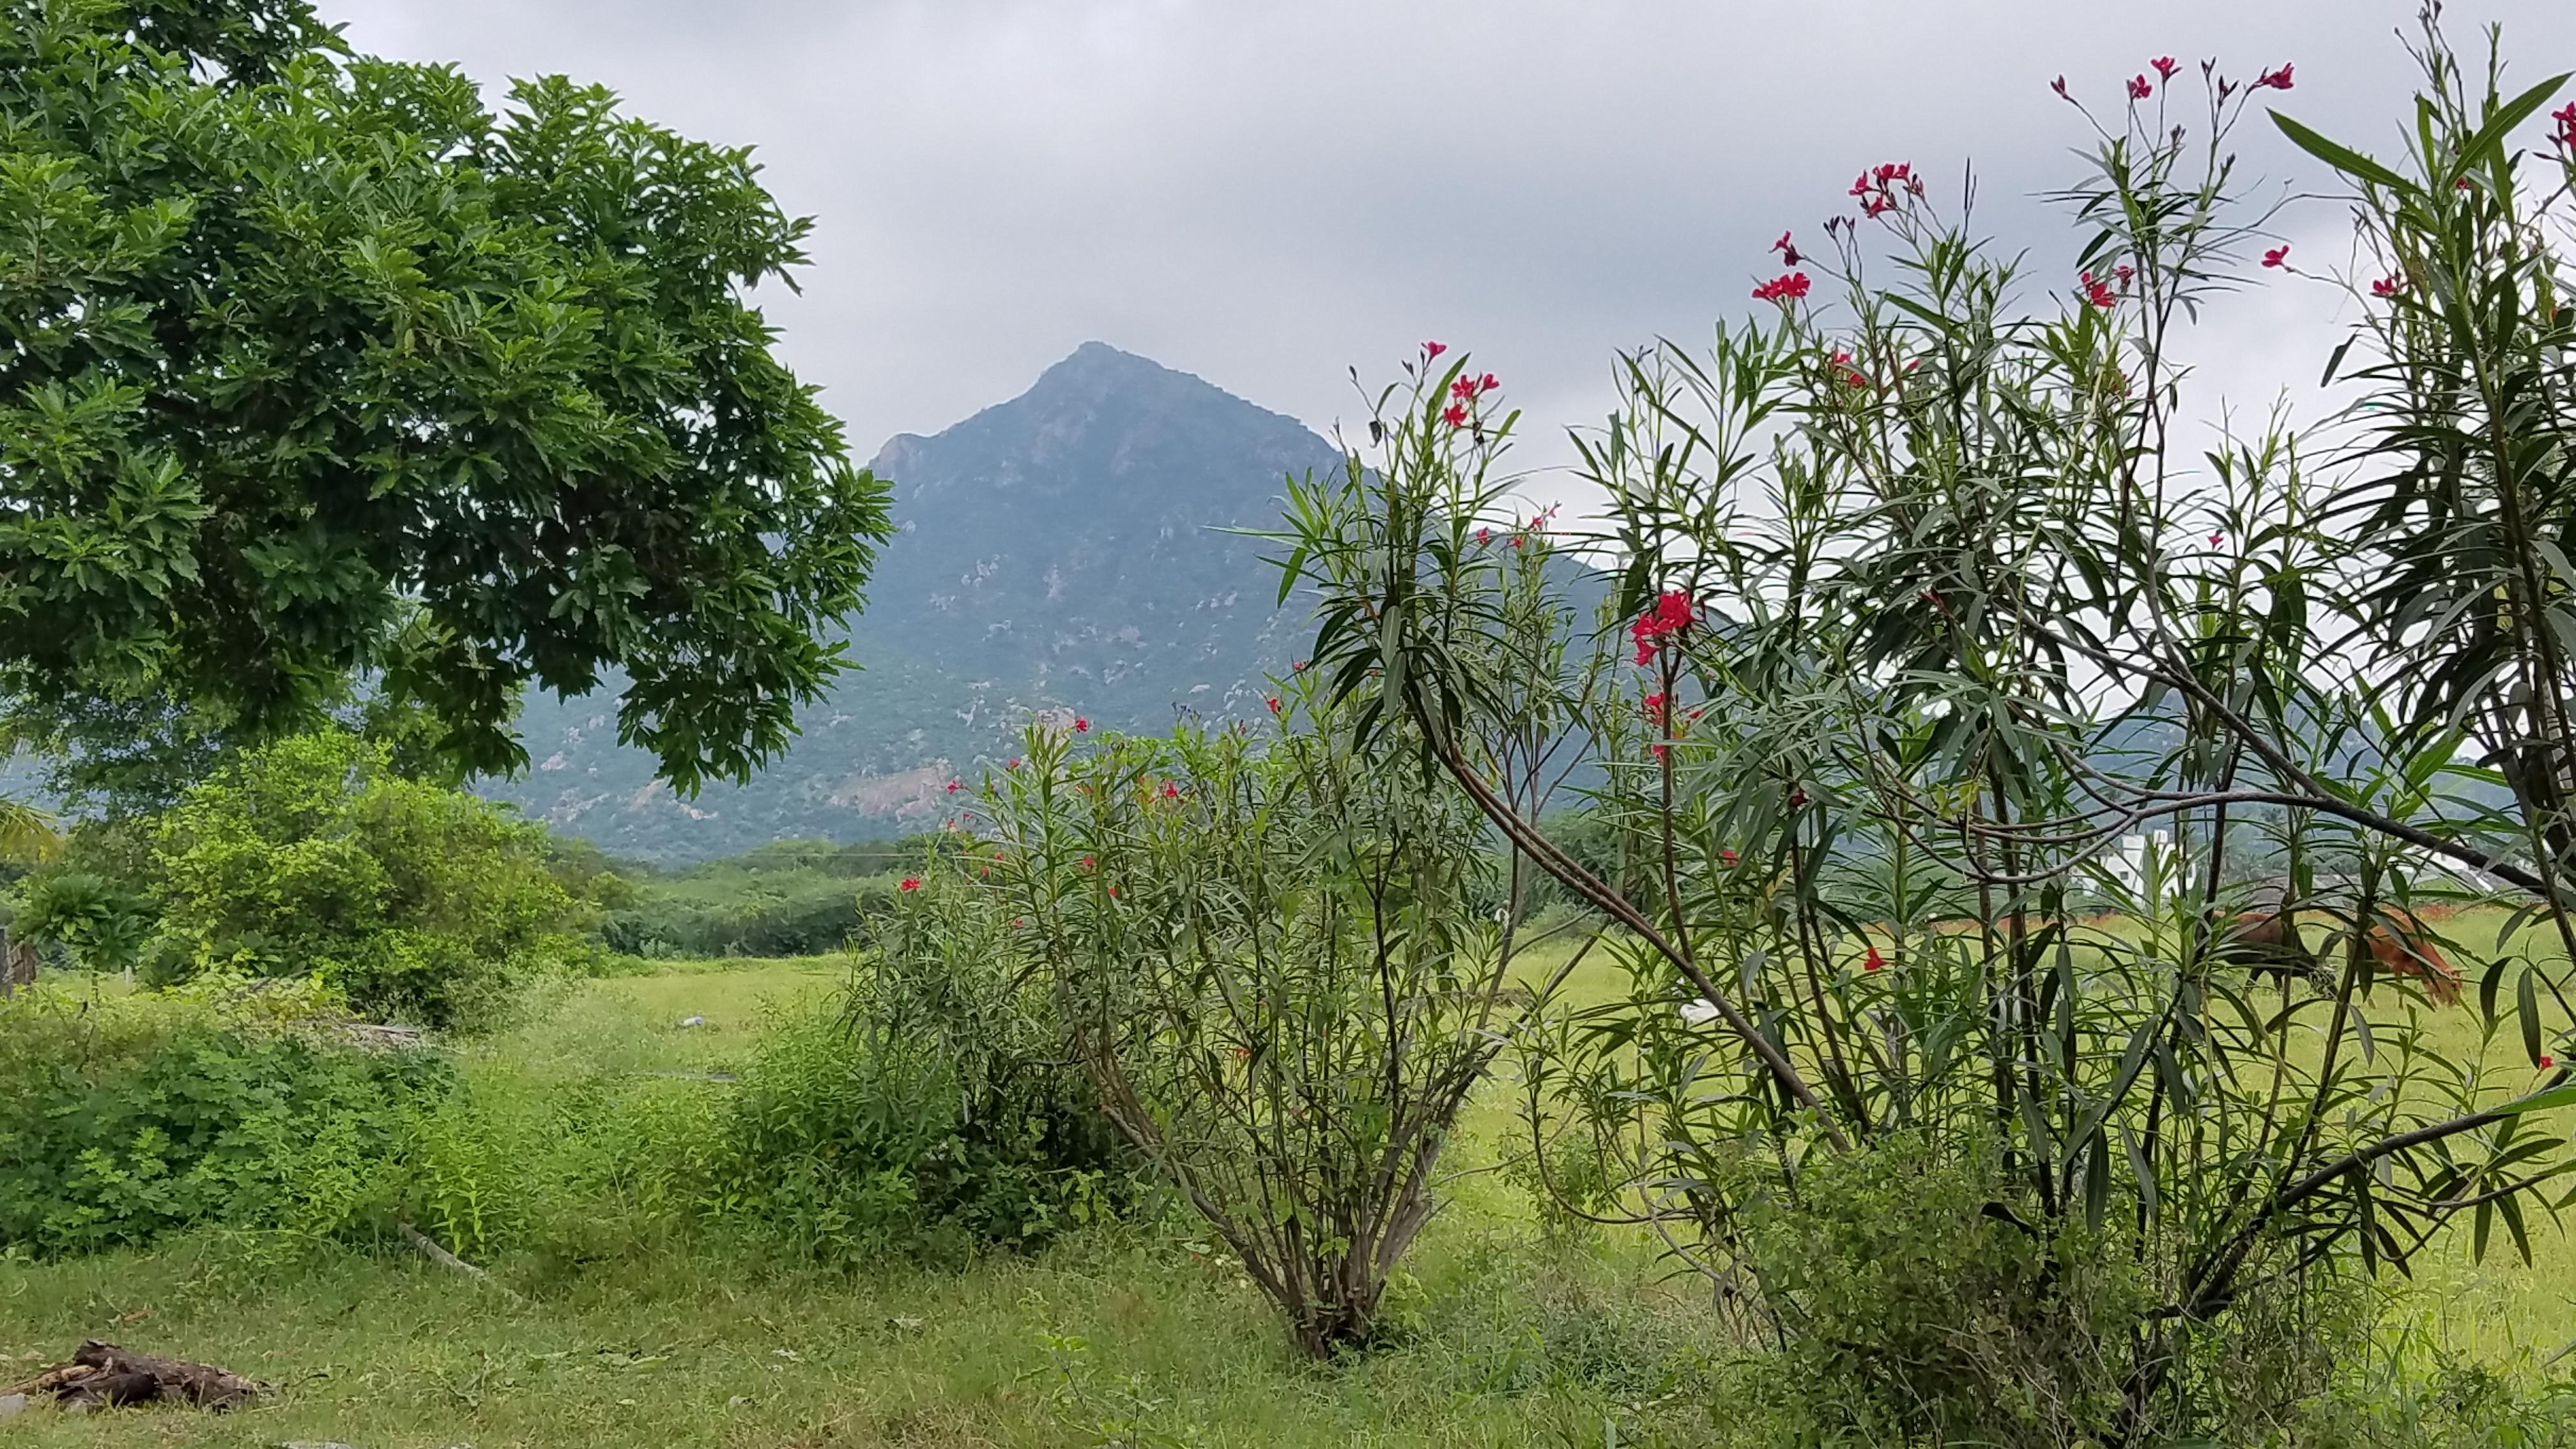 Arunachala From The Farm